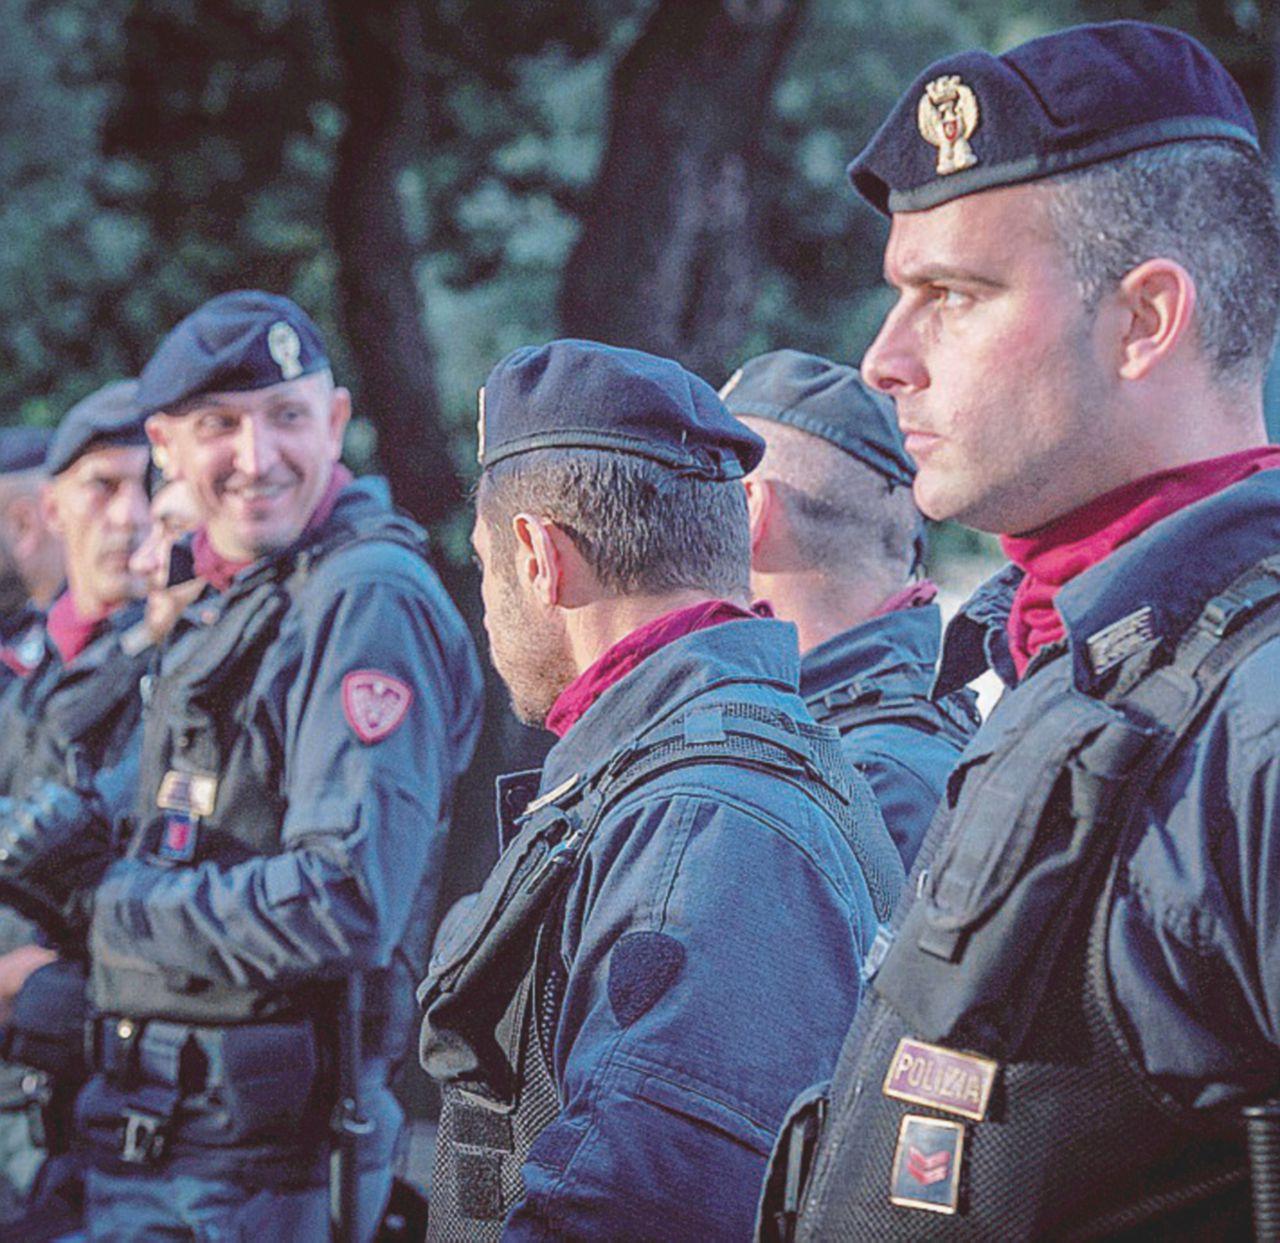 La Polizia arresta 3 mafiosi al giorno. I numeri del 2017